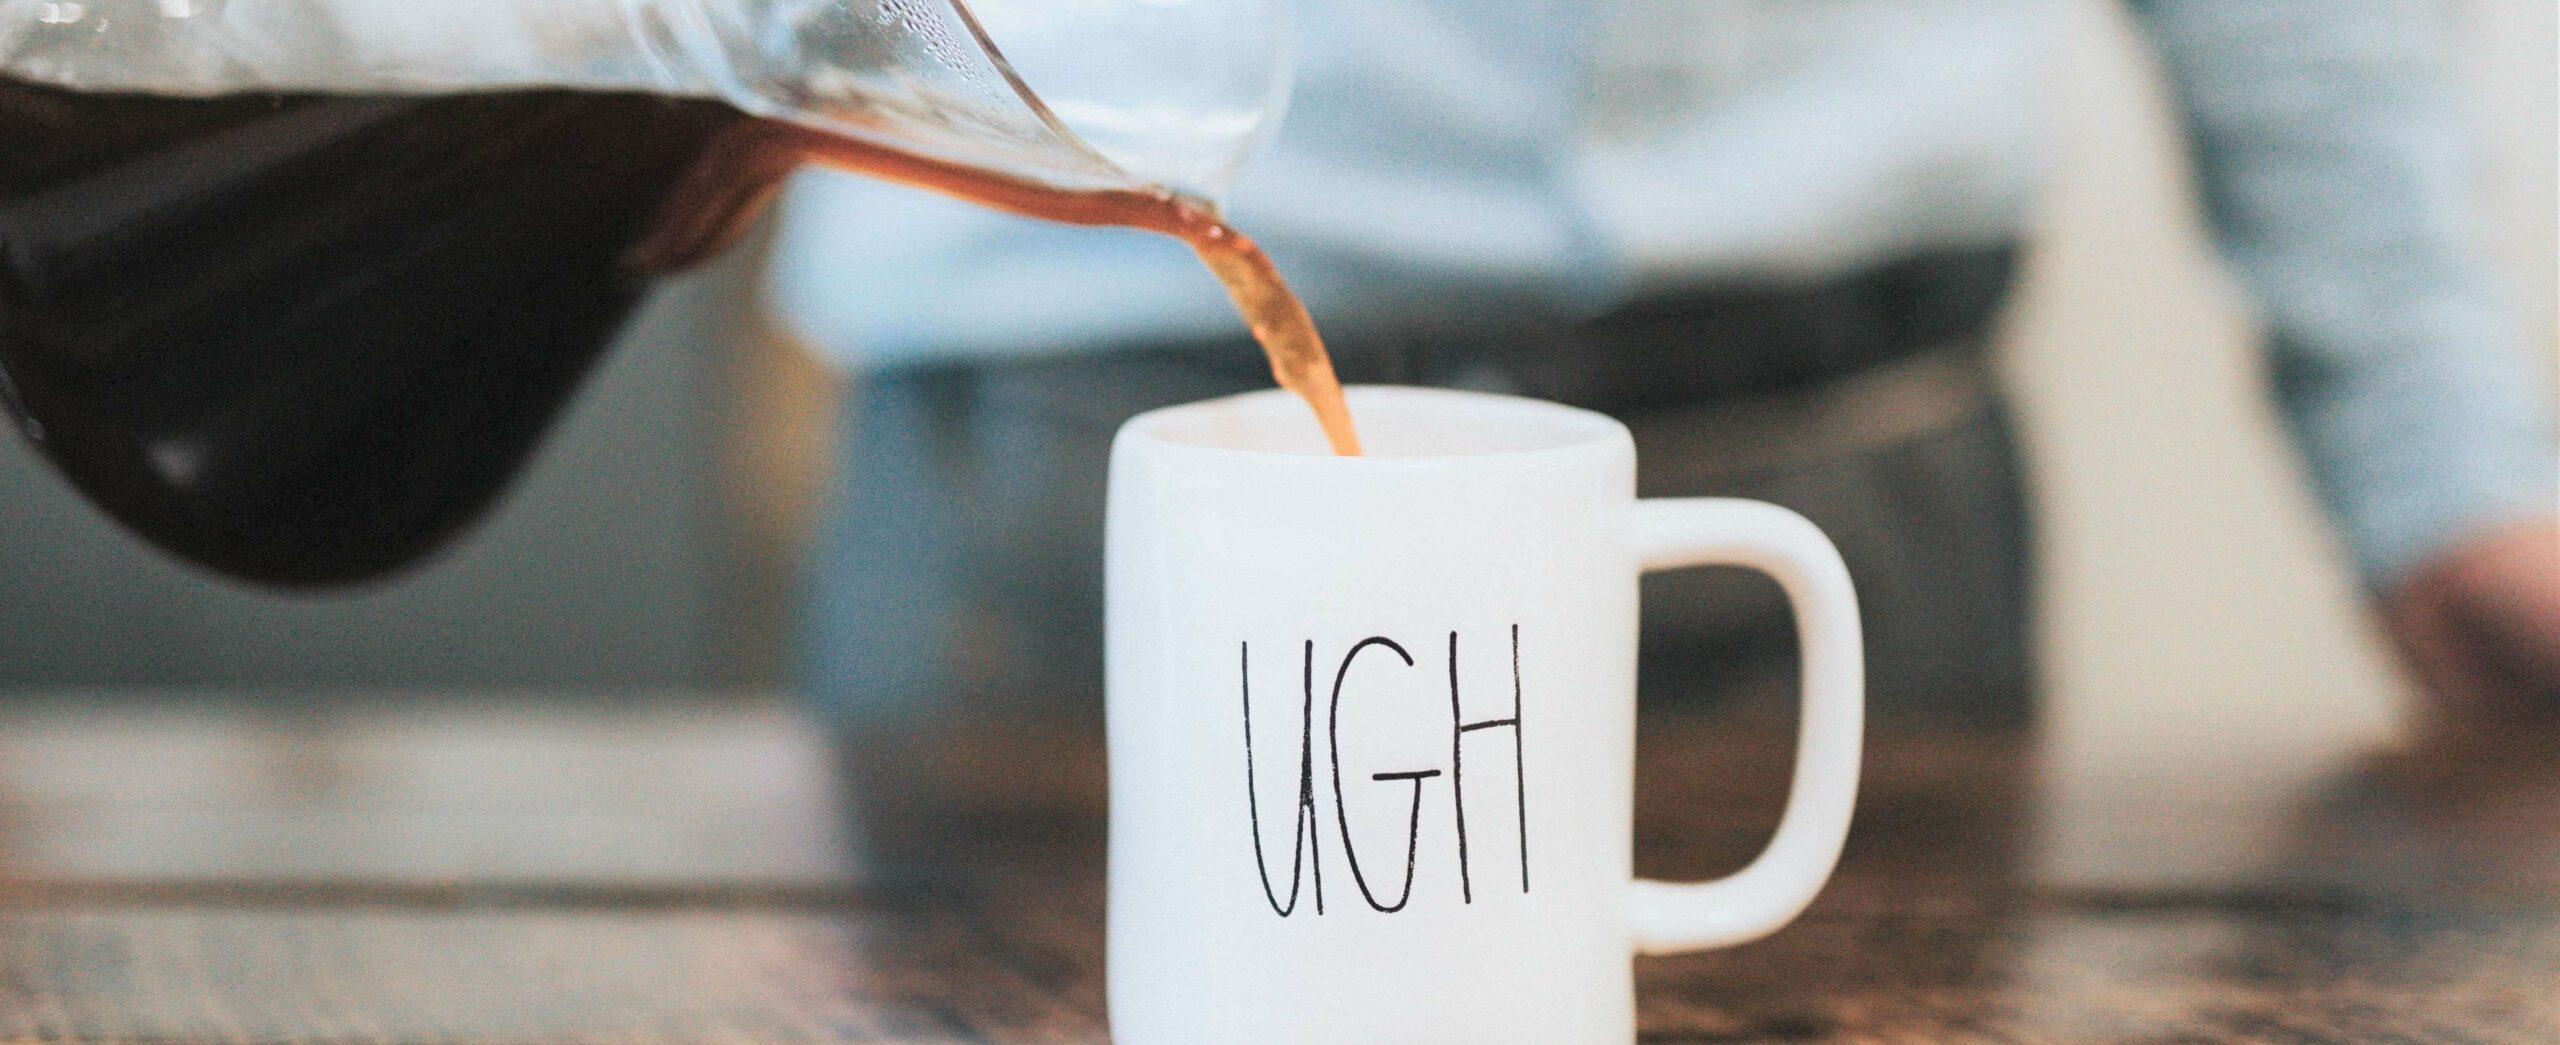 Koffiemok met in letters UGH erop